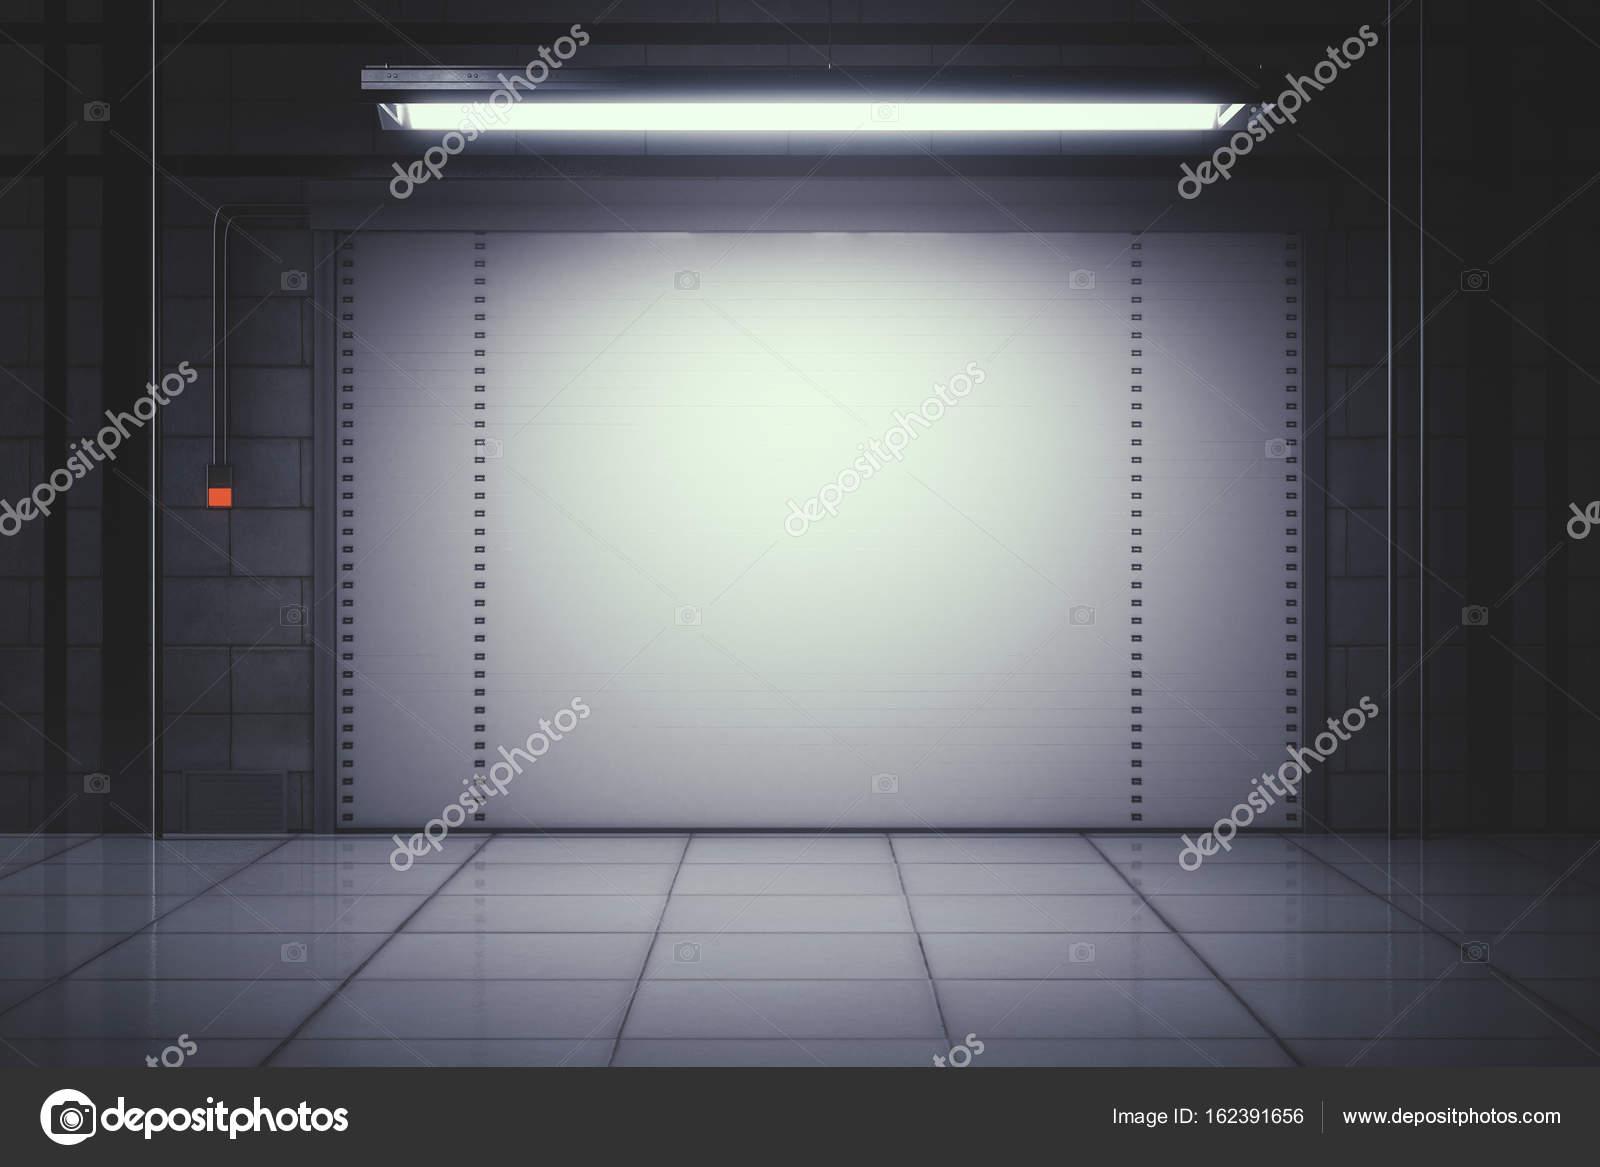 Piastrelle moderne interni con porta del garage chiusa illuminata